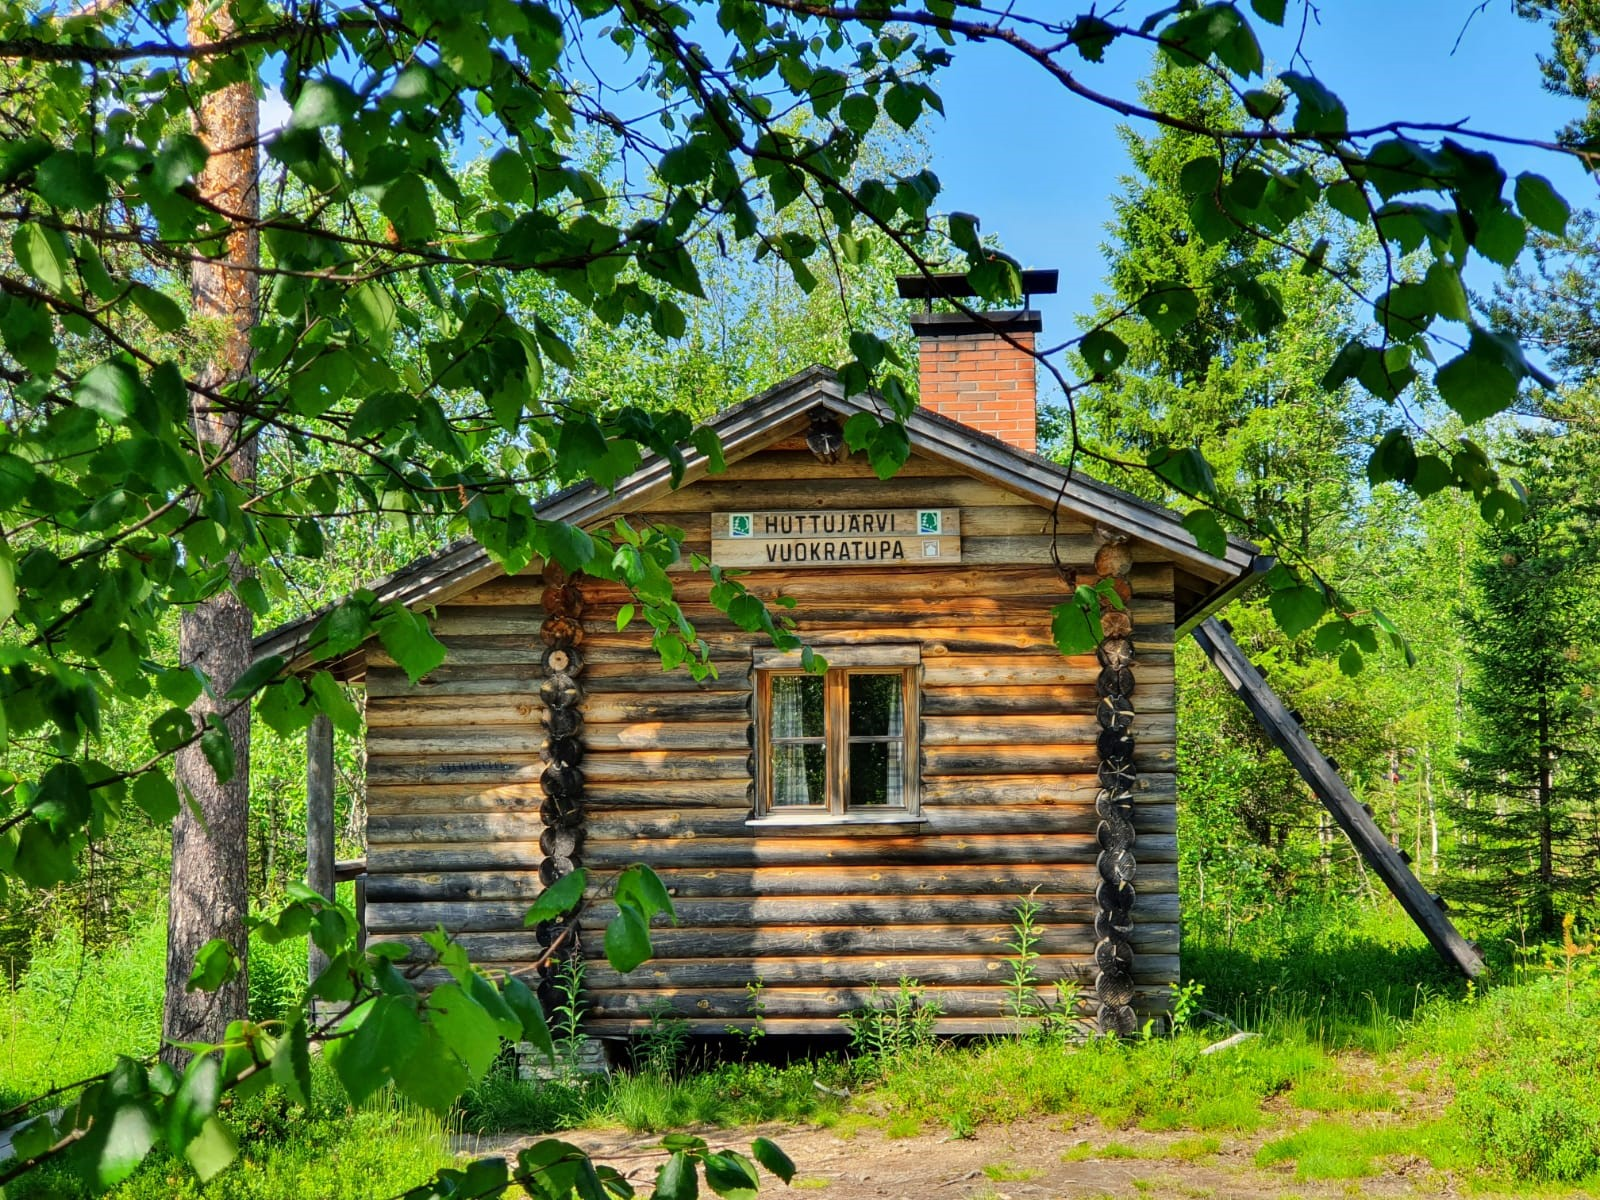 Huttujärven tupa, Pyhä-Luoston kansallispuisto